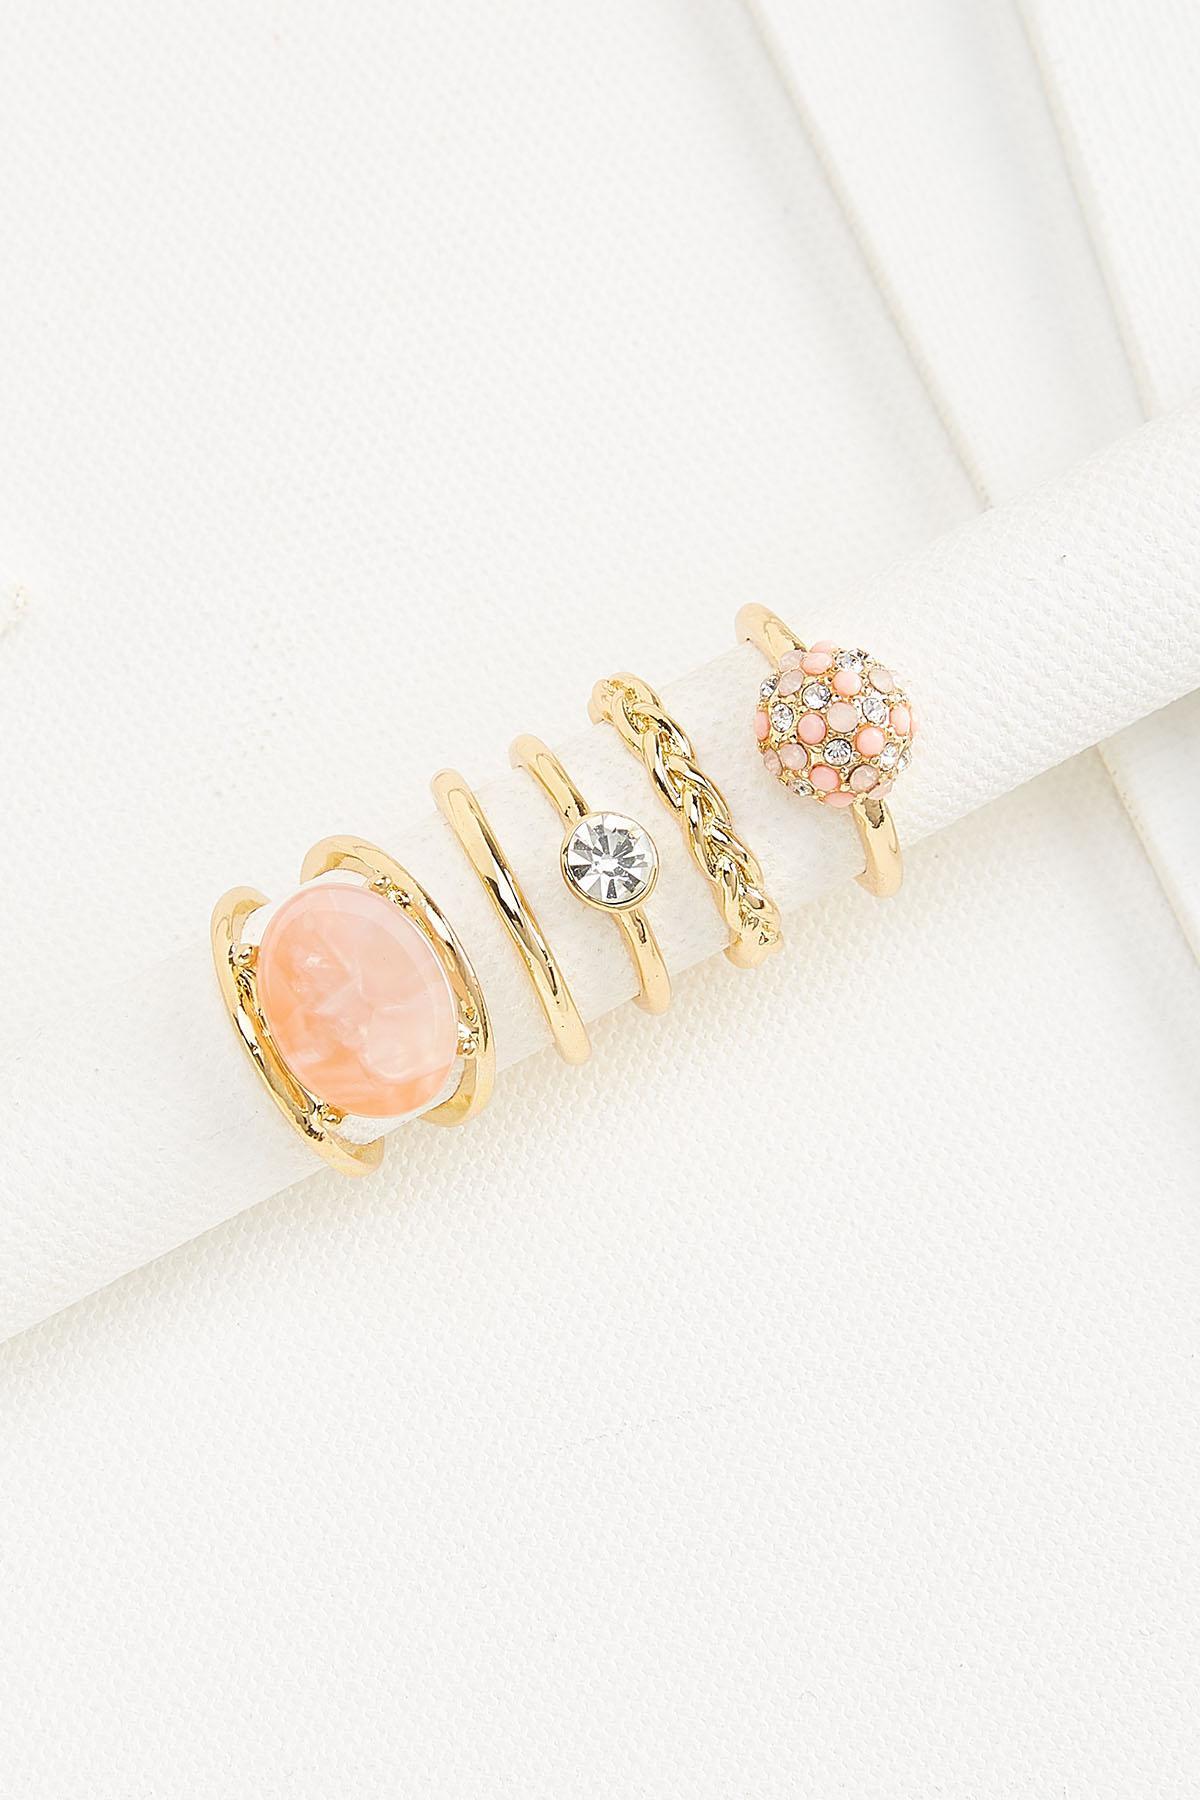 Rose Gold Stacked Ring Set